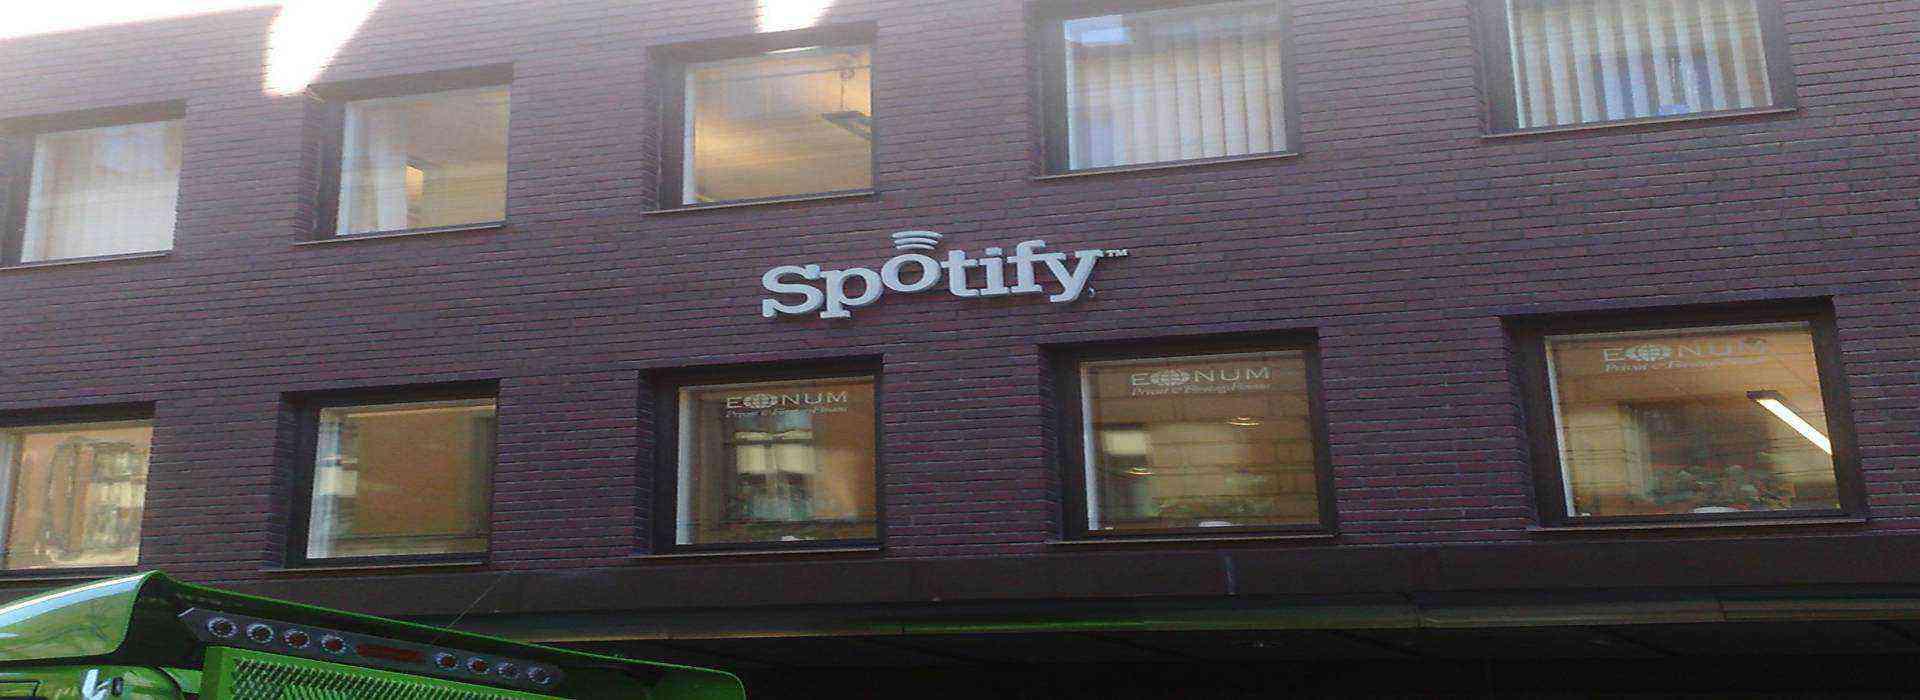 Spotify Customer Service USA, Contact Address